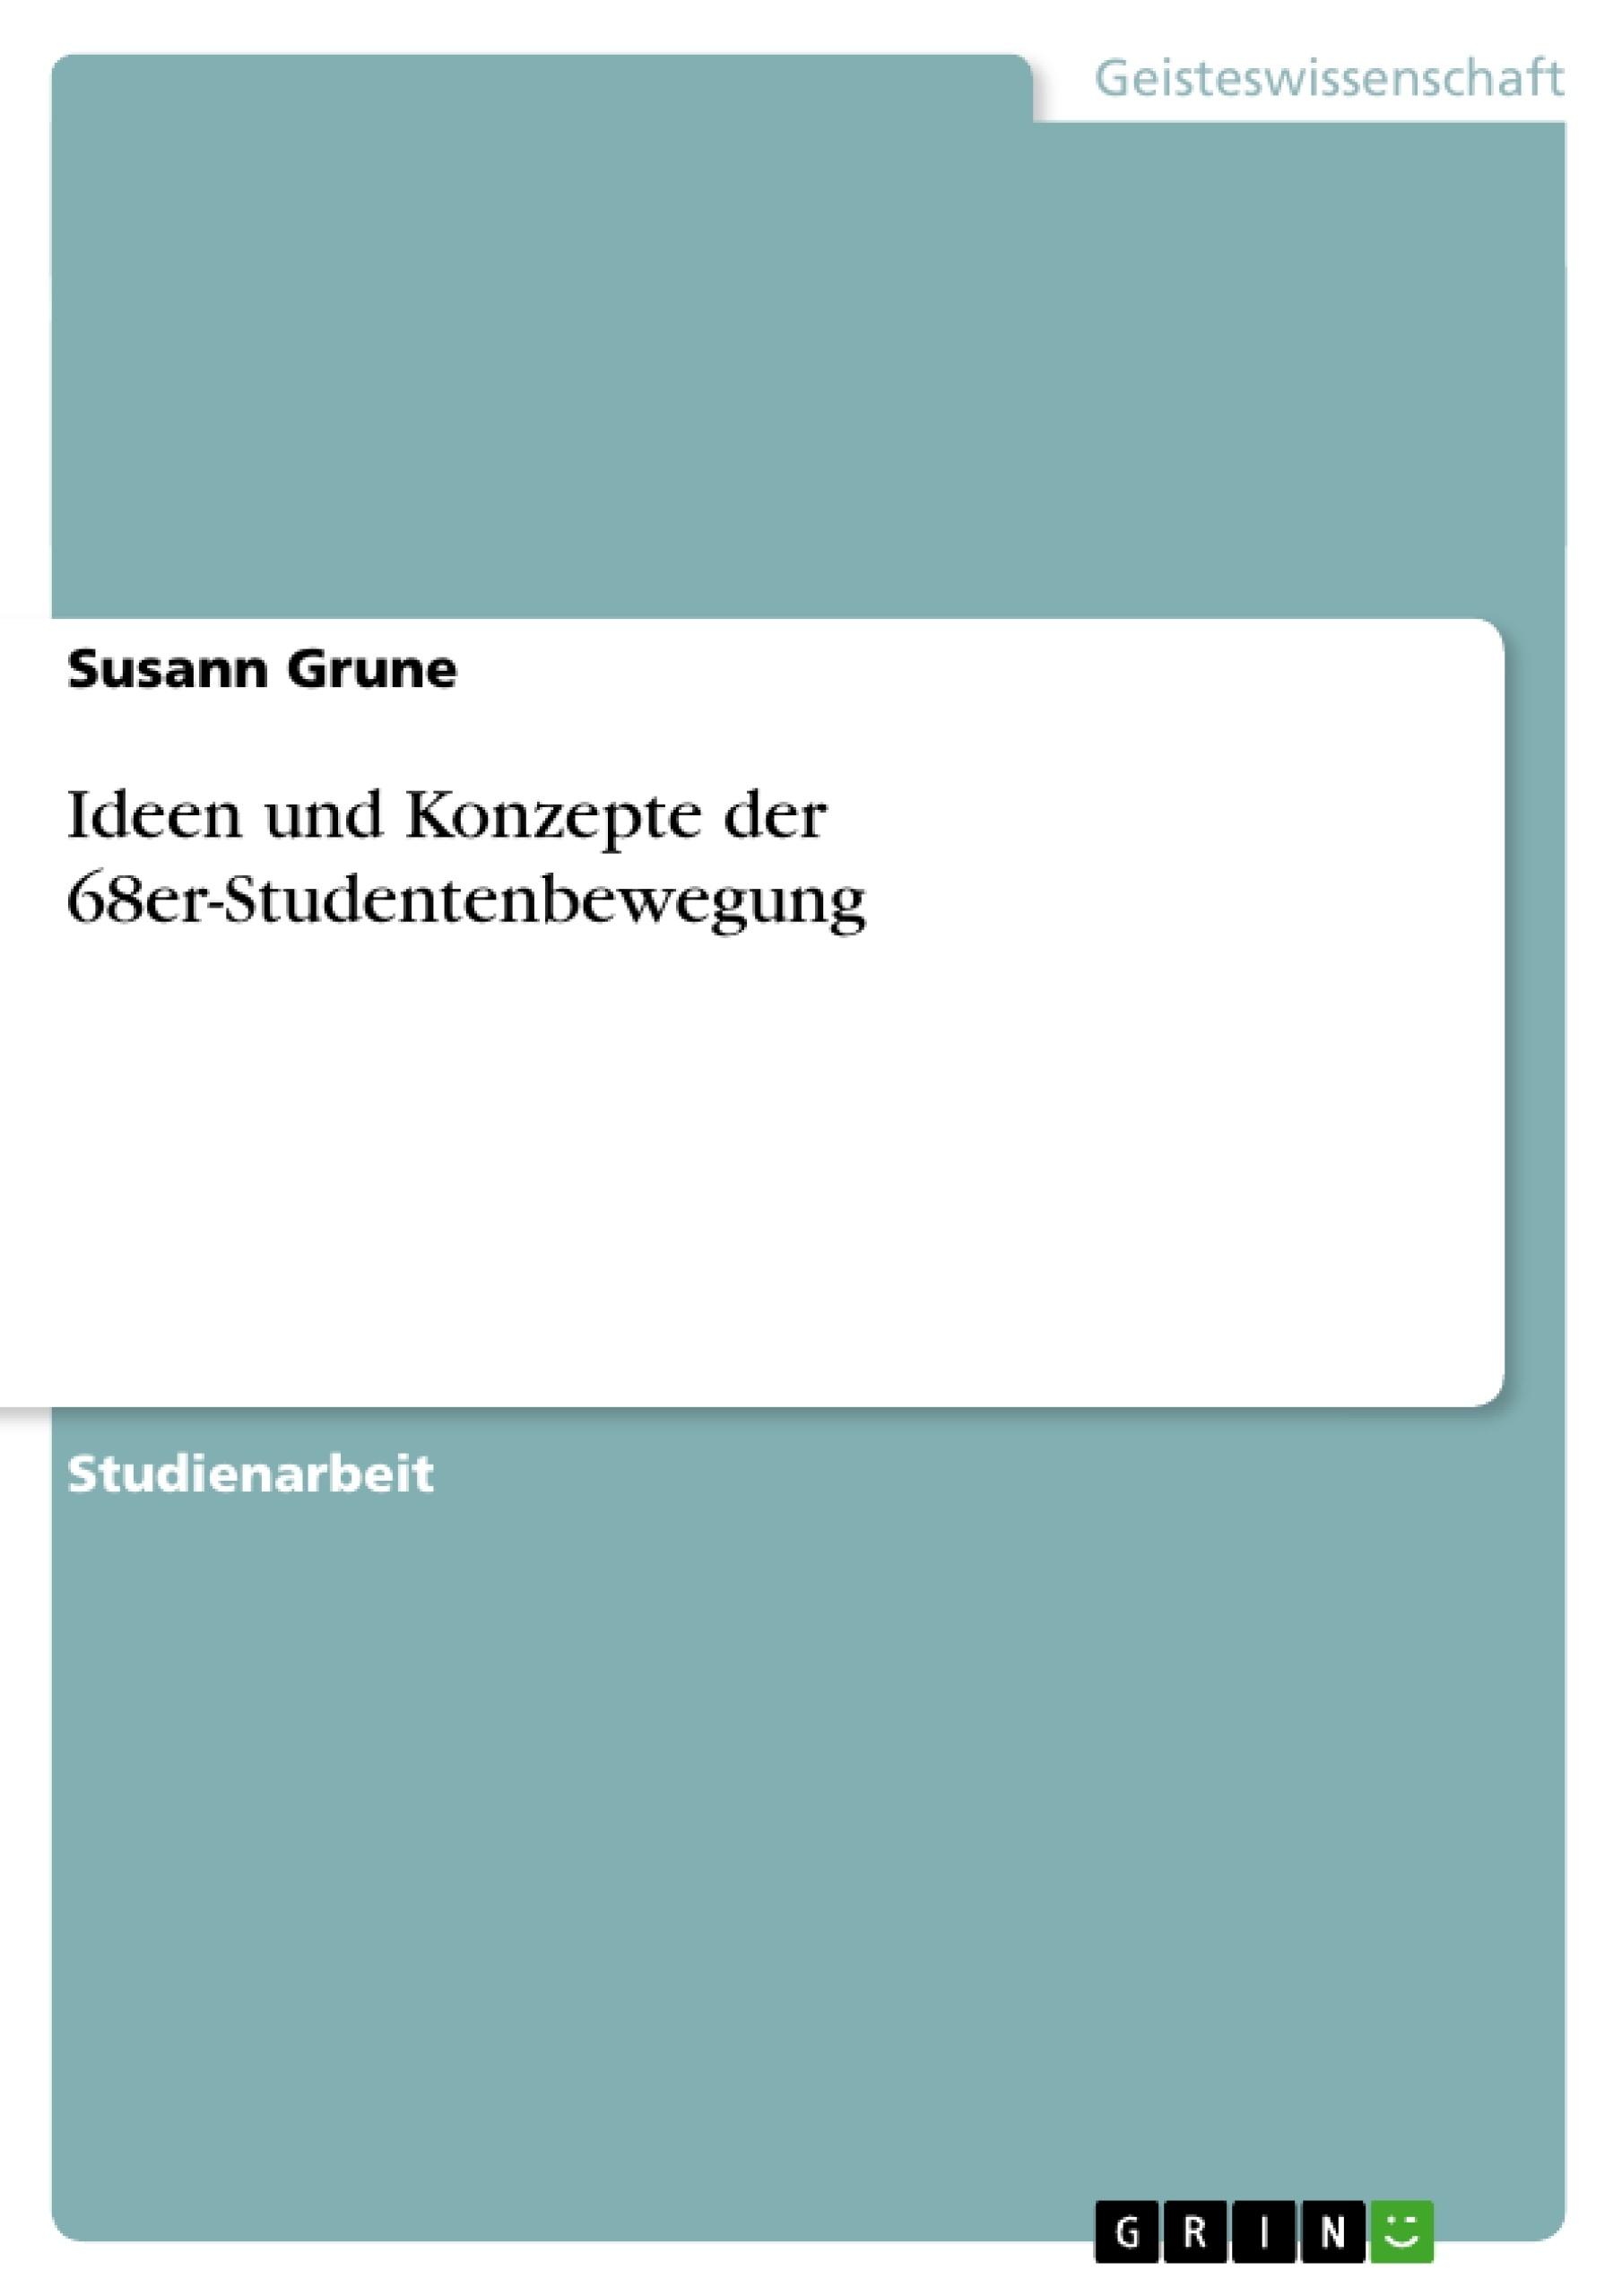 Titel: Ideen und Konzepte der 68er-Studentenbewegung